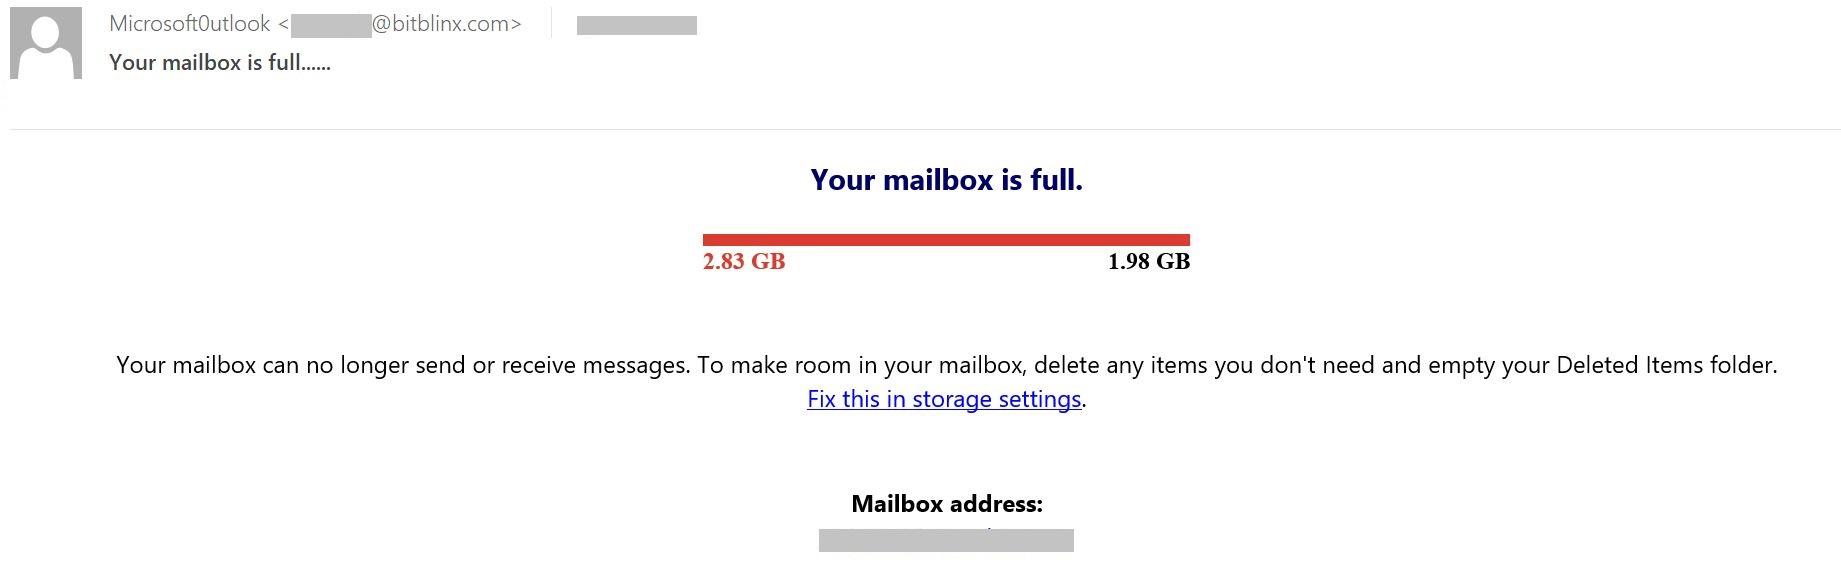 E-mail de phishing típico que usa um esquema de caixa de entrada cheia